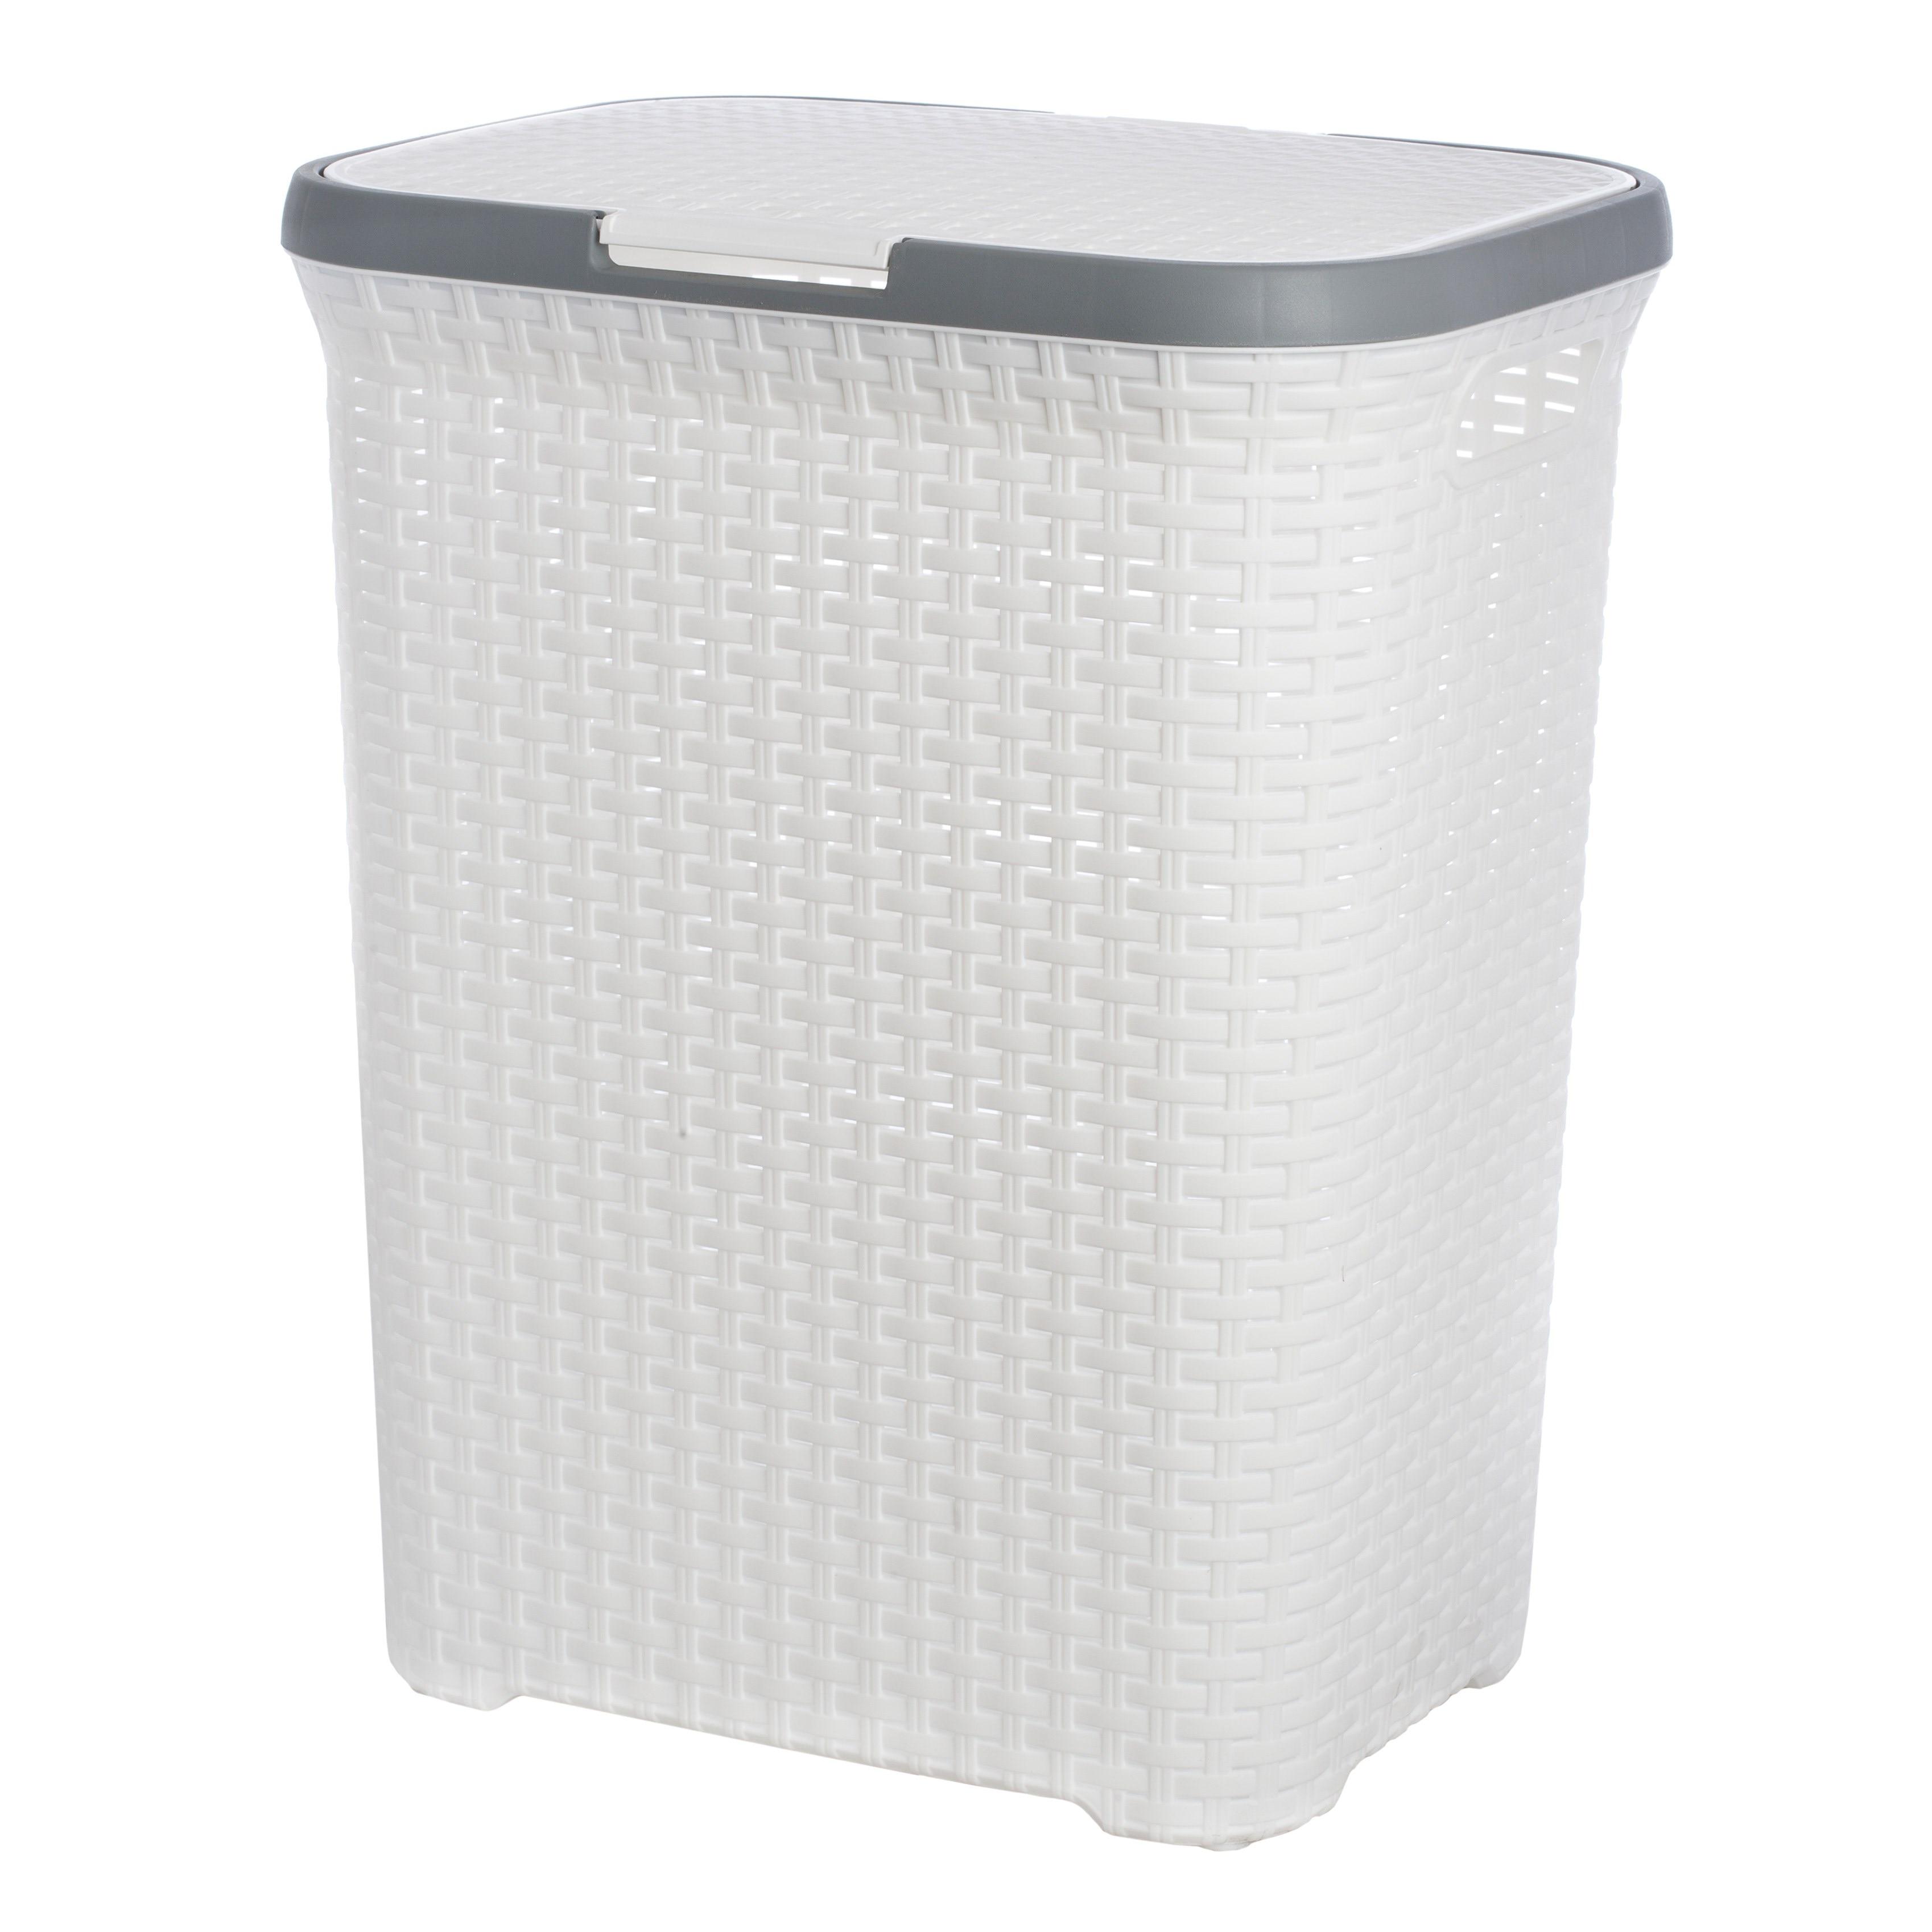 Laundry Basket ARTLINE Home Storage Organization Laundry Storage  Organization With Lid 60 L Plastic 37x30x48